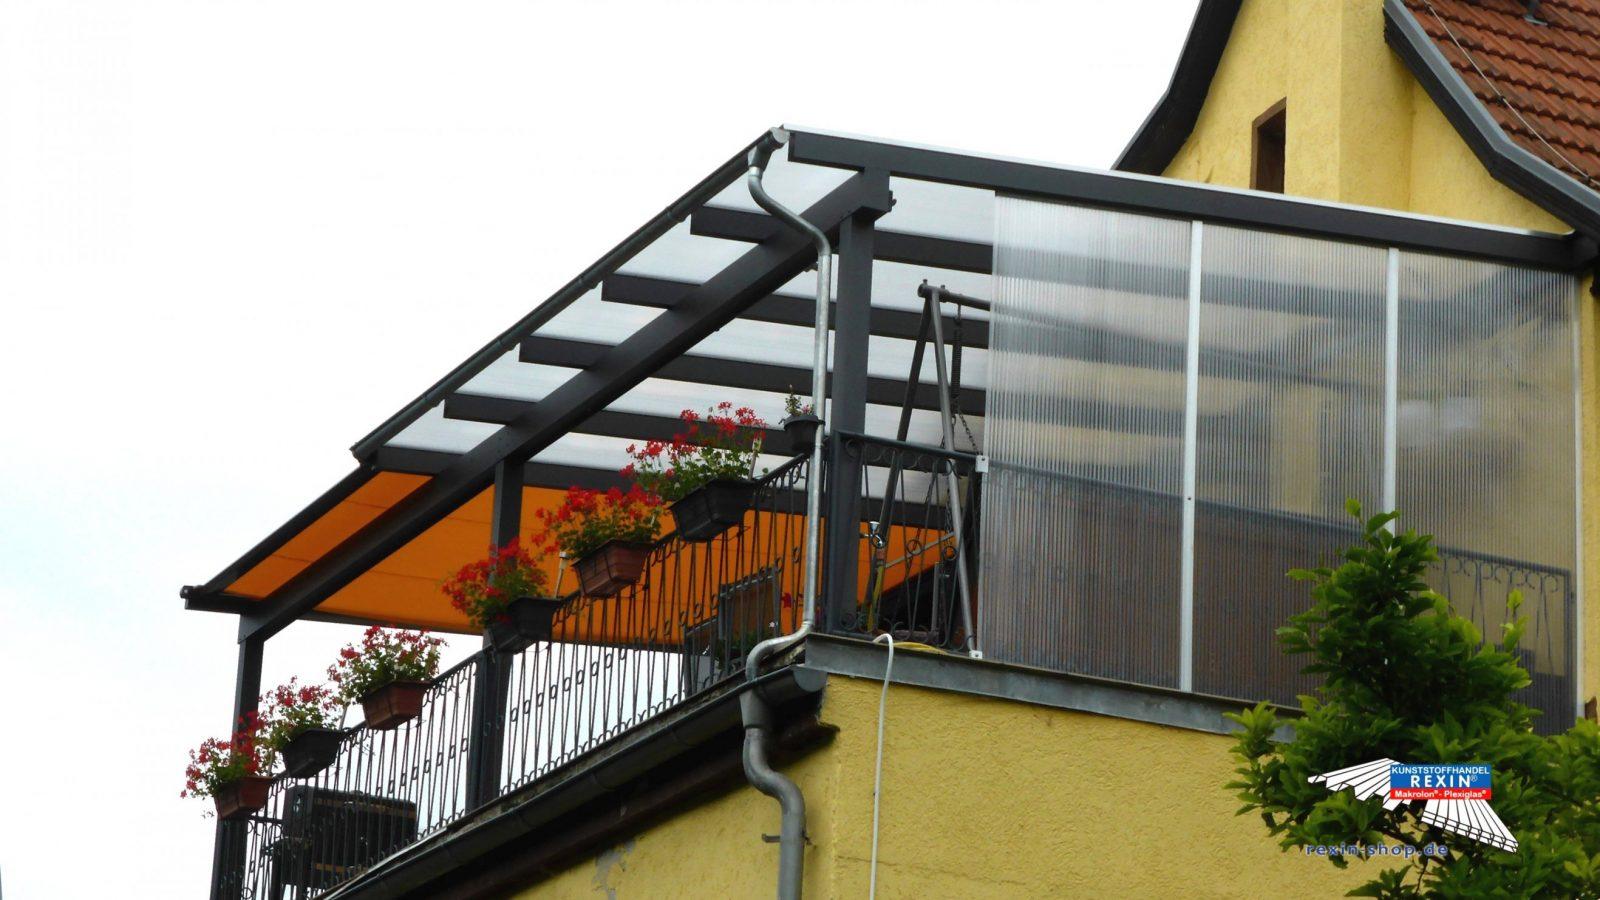 Terrasse Selber Bauen Unterkonstruktion Beautiful Genial S S Media von Vordach Terrasse Selber Bauen Bild